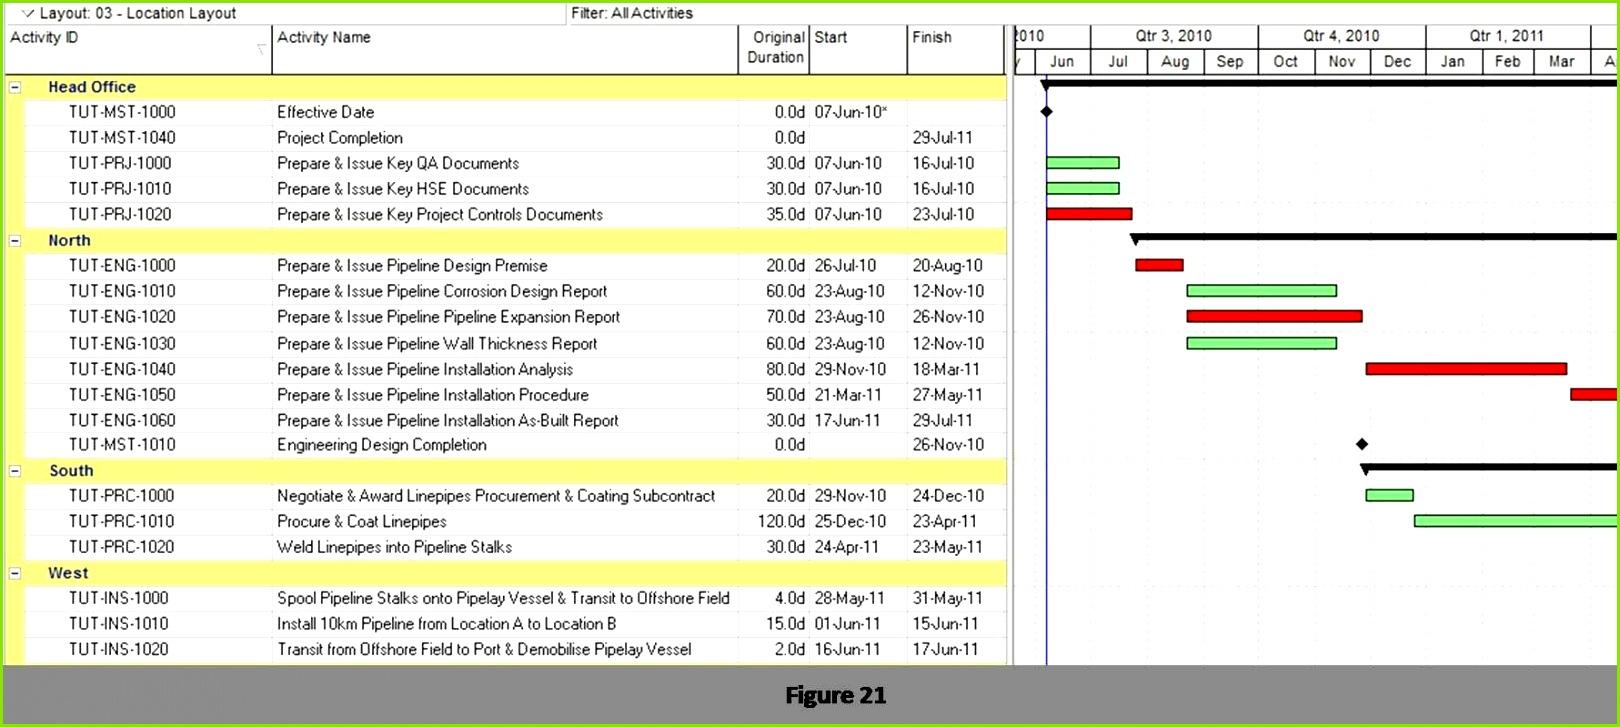 Bilanz Muster Excel Editierbar Bwa Vorlage Excel Elegant Vorlagen Flyer Beispiel Arbeitsblatt Neu Bilanz Muster